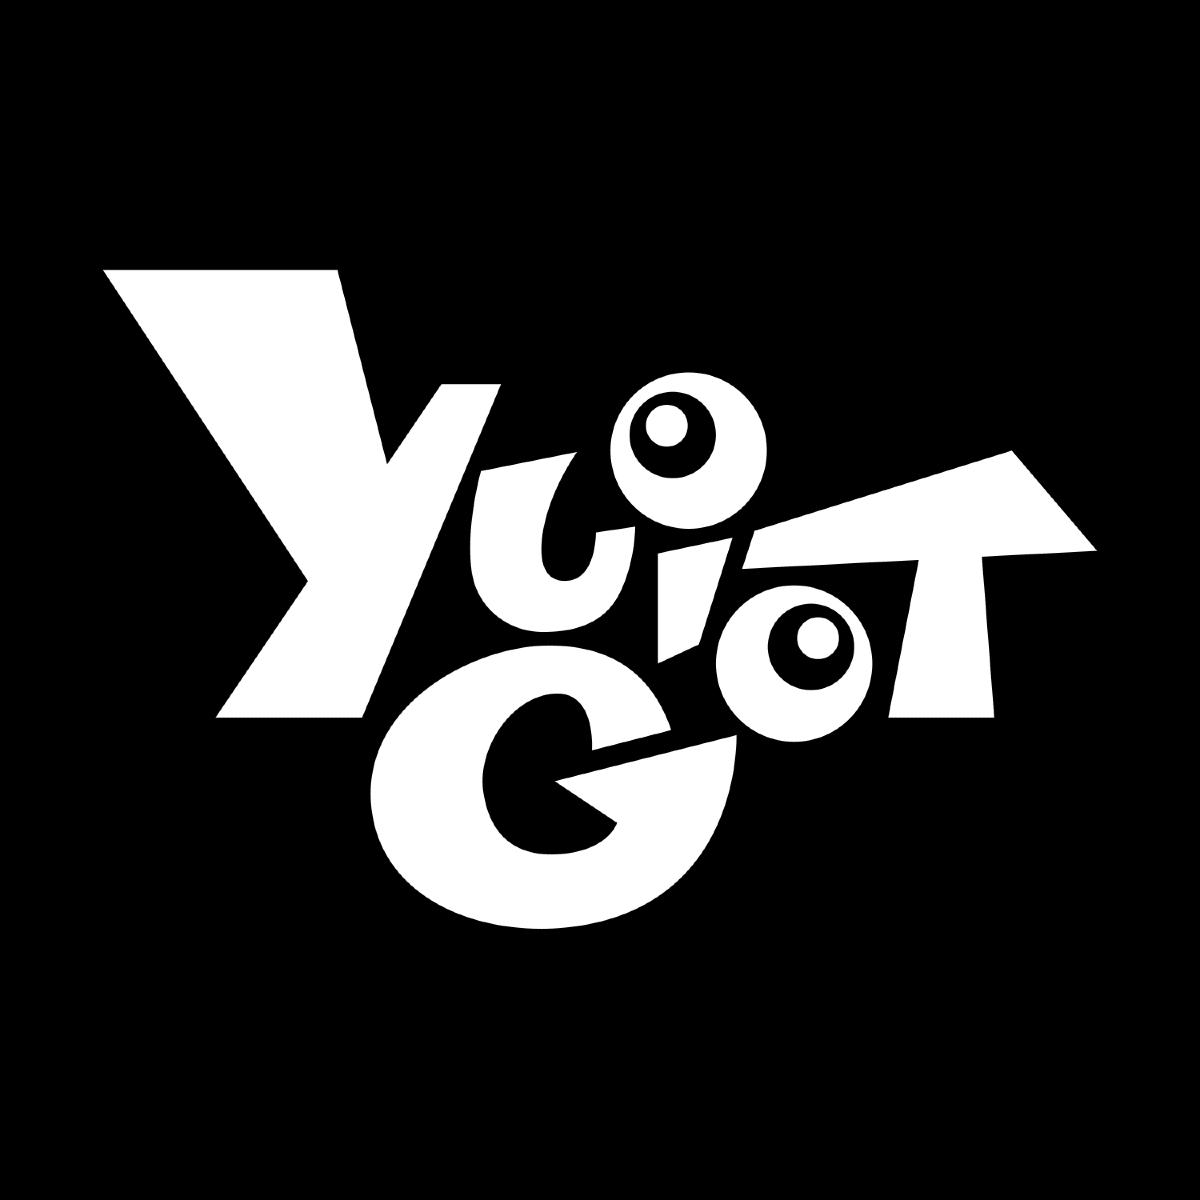 【注目の学生アーティスト】トラックメイカー・yuigot、音楽を始めたきっかけは「Corneliusを聴いて感動したから」